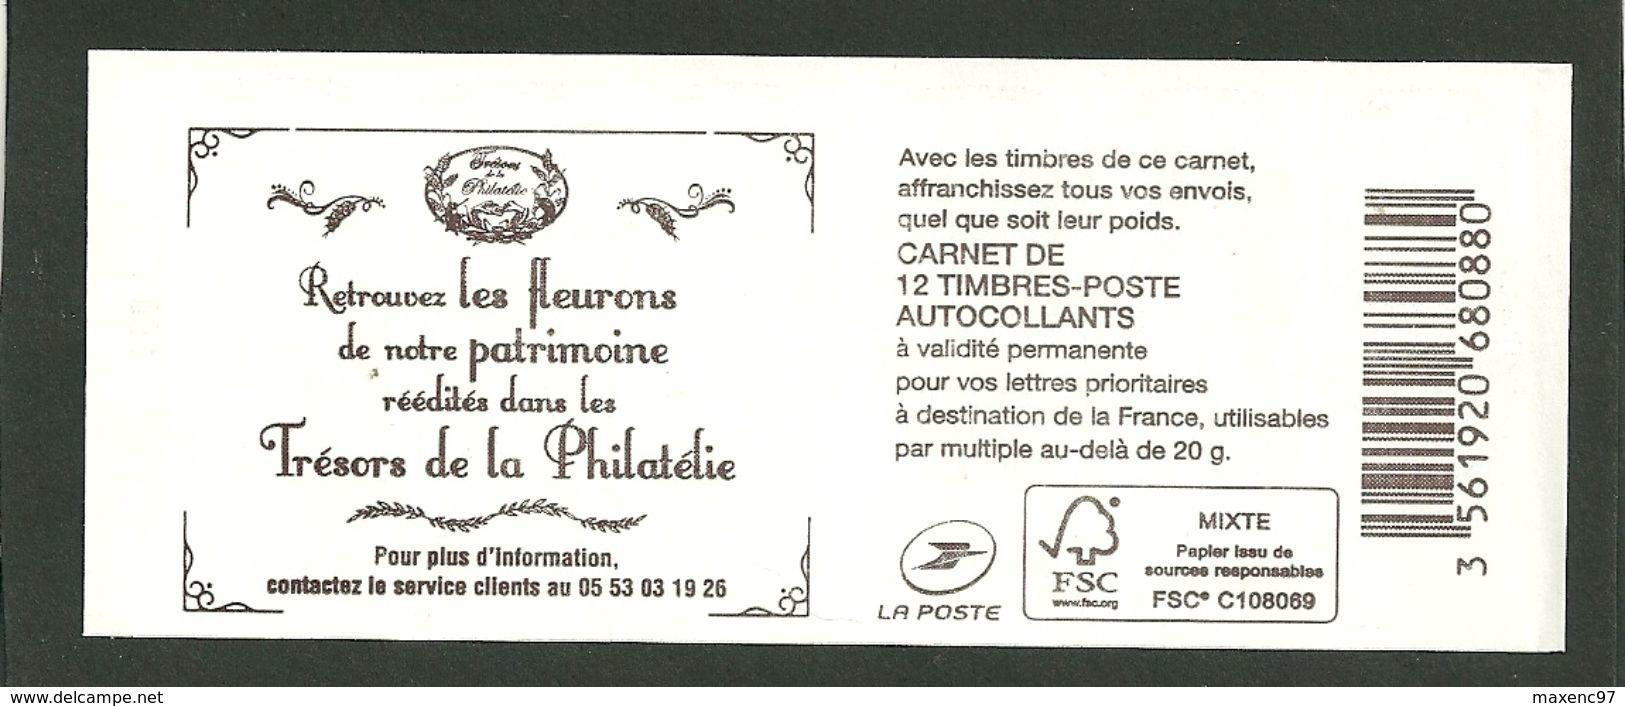 CARNET MARIANNE DE CIAPPA CARRE NOIR ET NUMERO COUVERTURE TRESORS DE LA PHILATELIE - Booklets